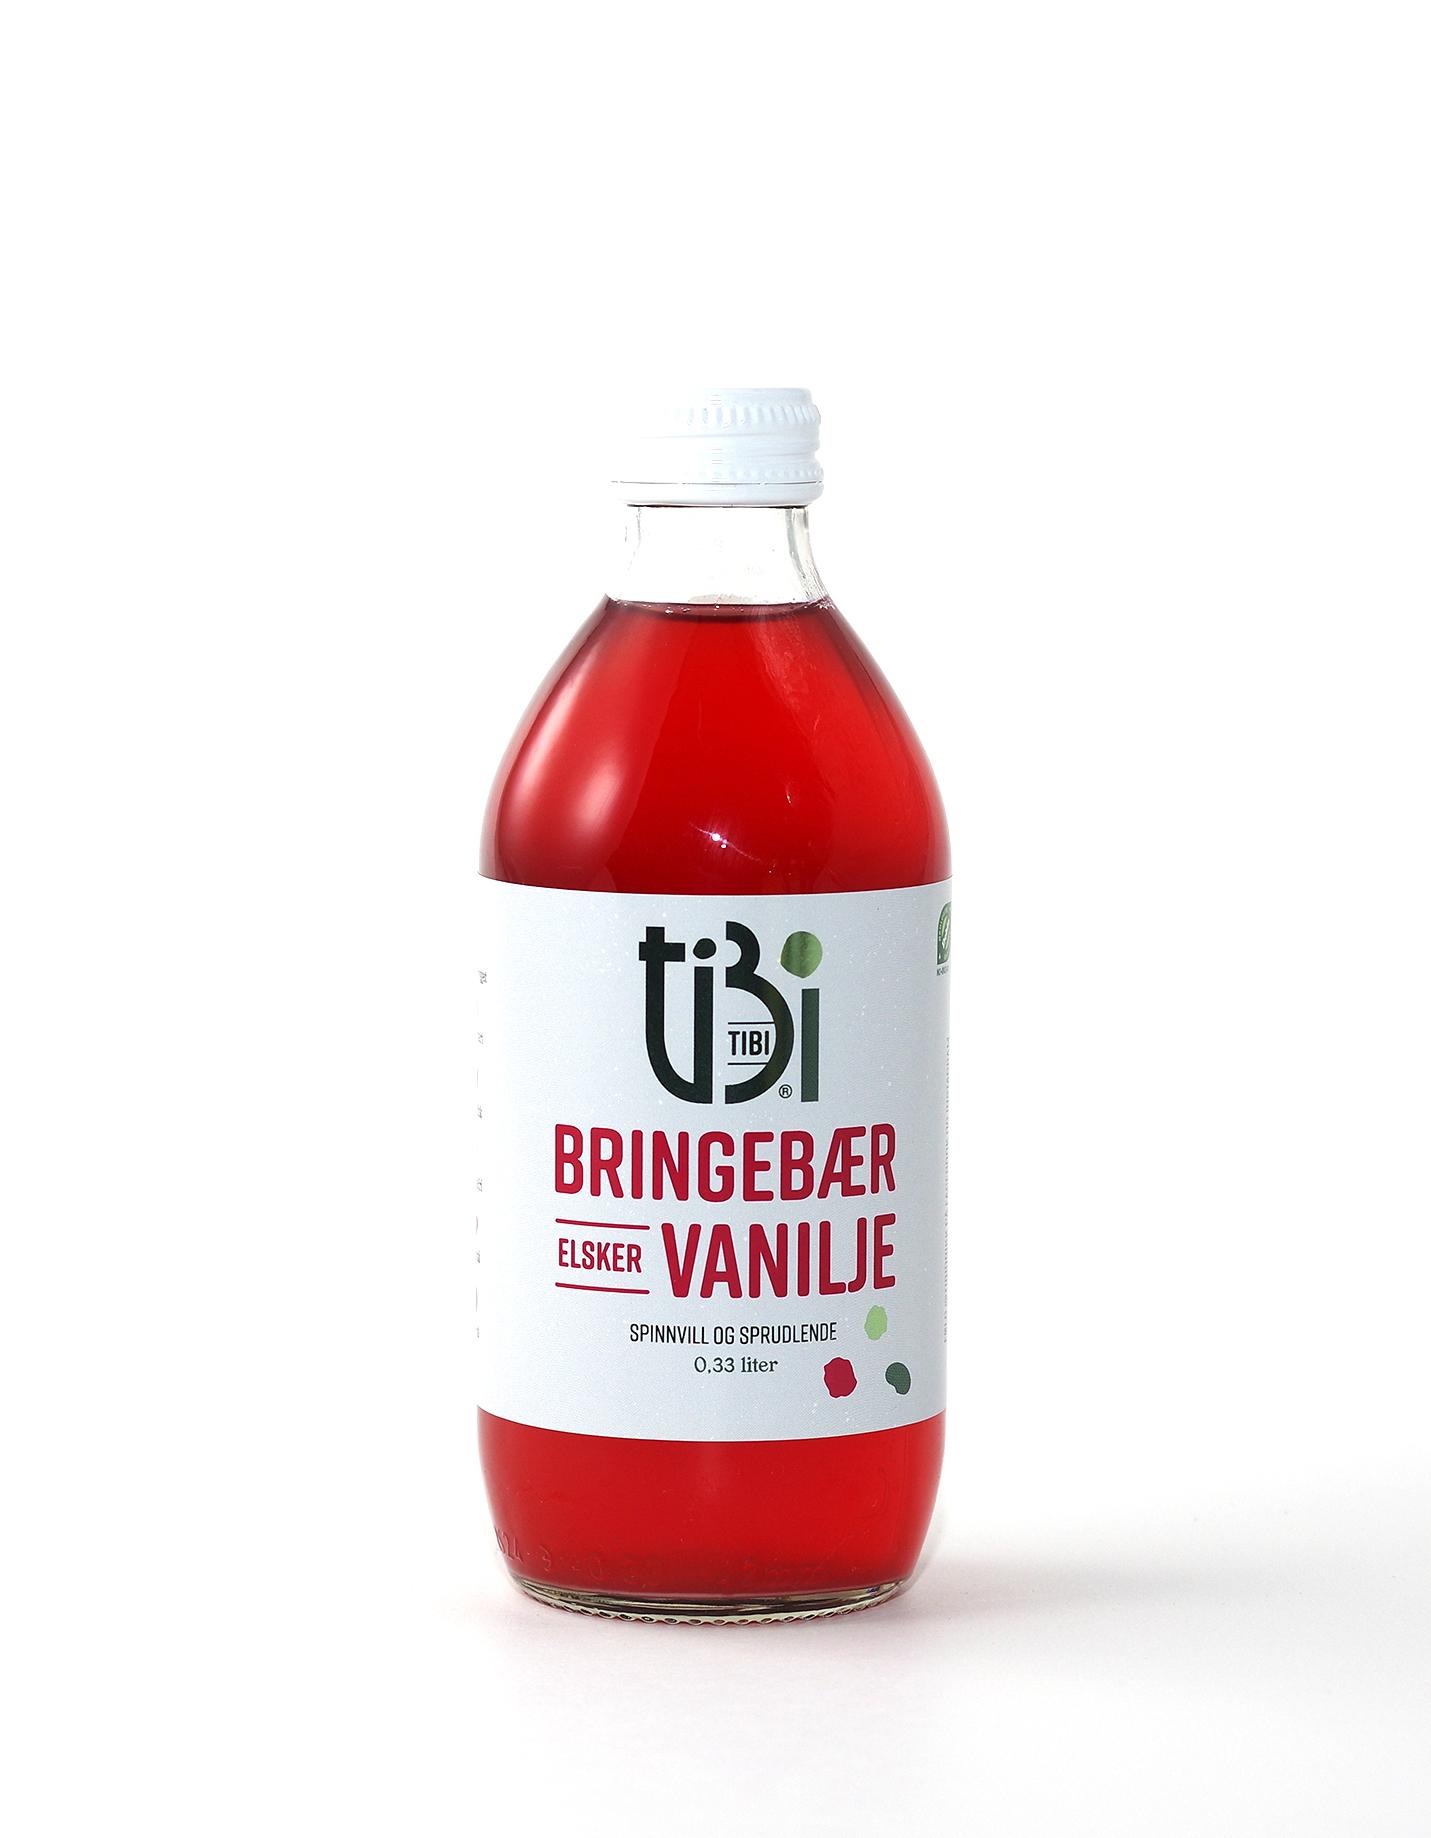 TIBI drikk bringebær